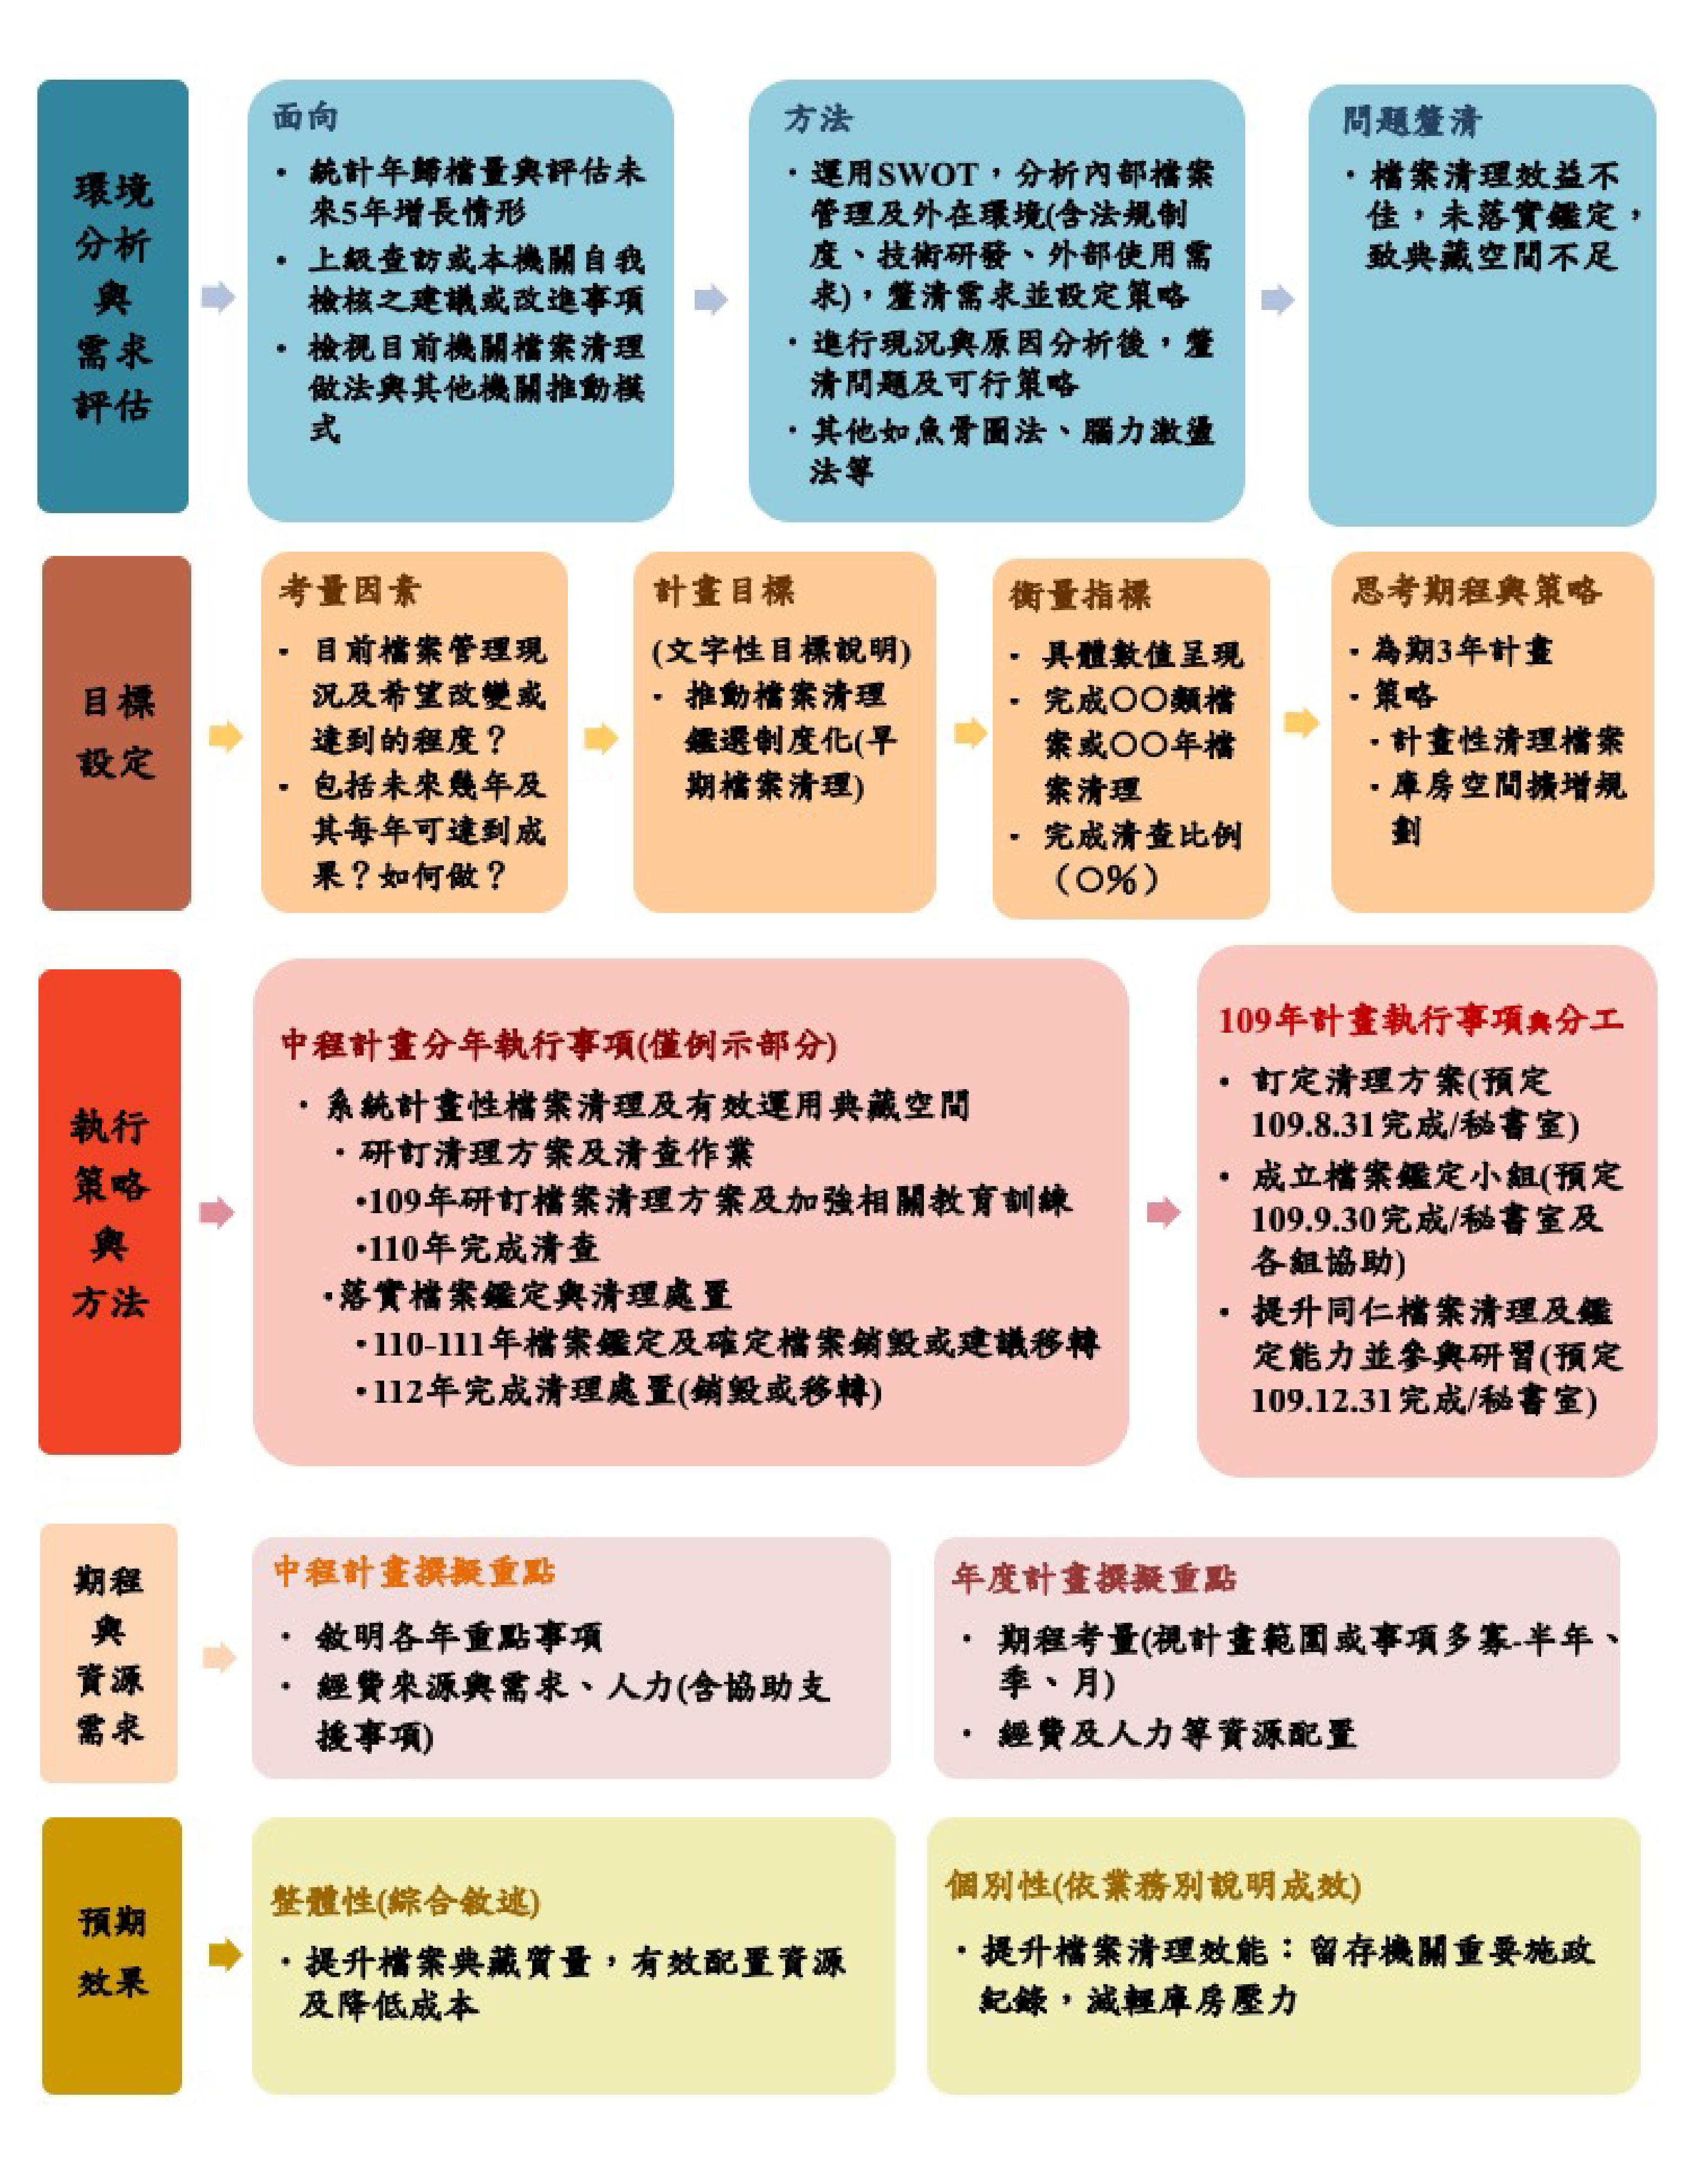 圖2 檔案管理計畫架構圖例